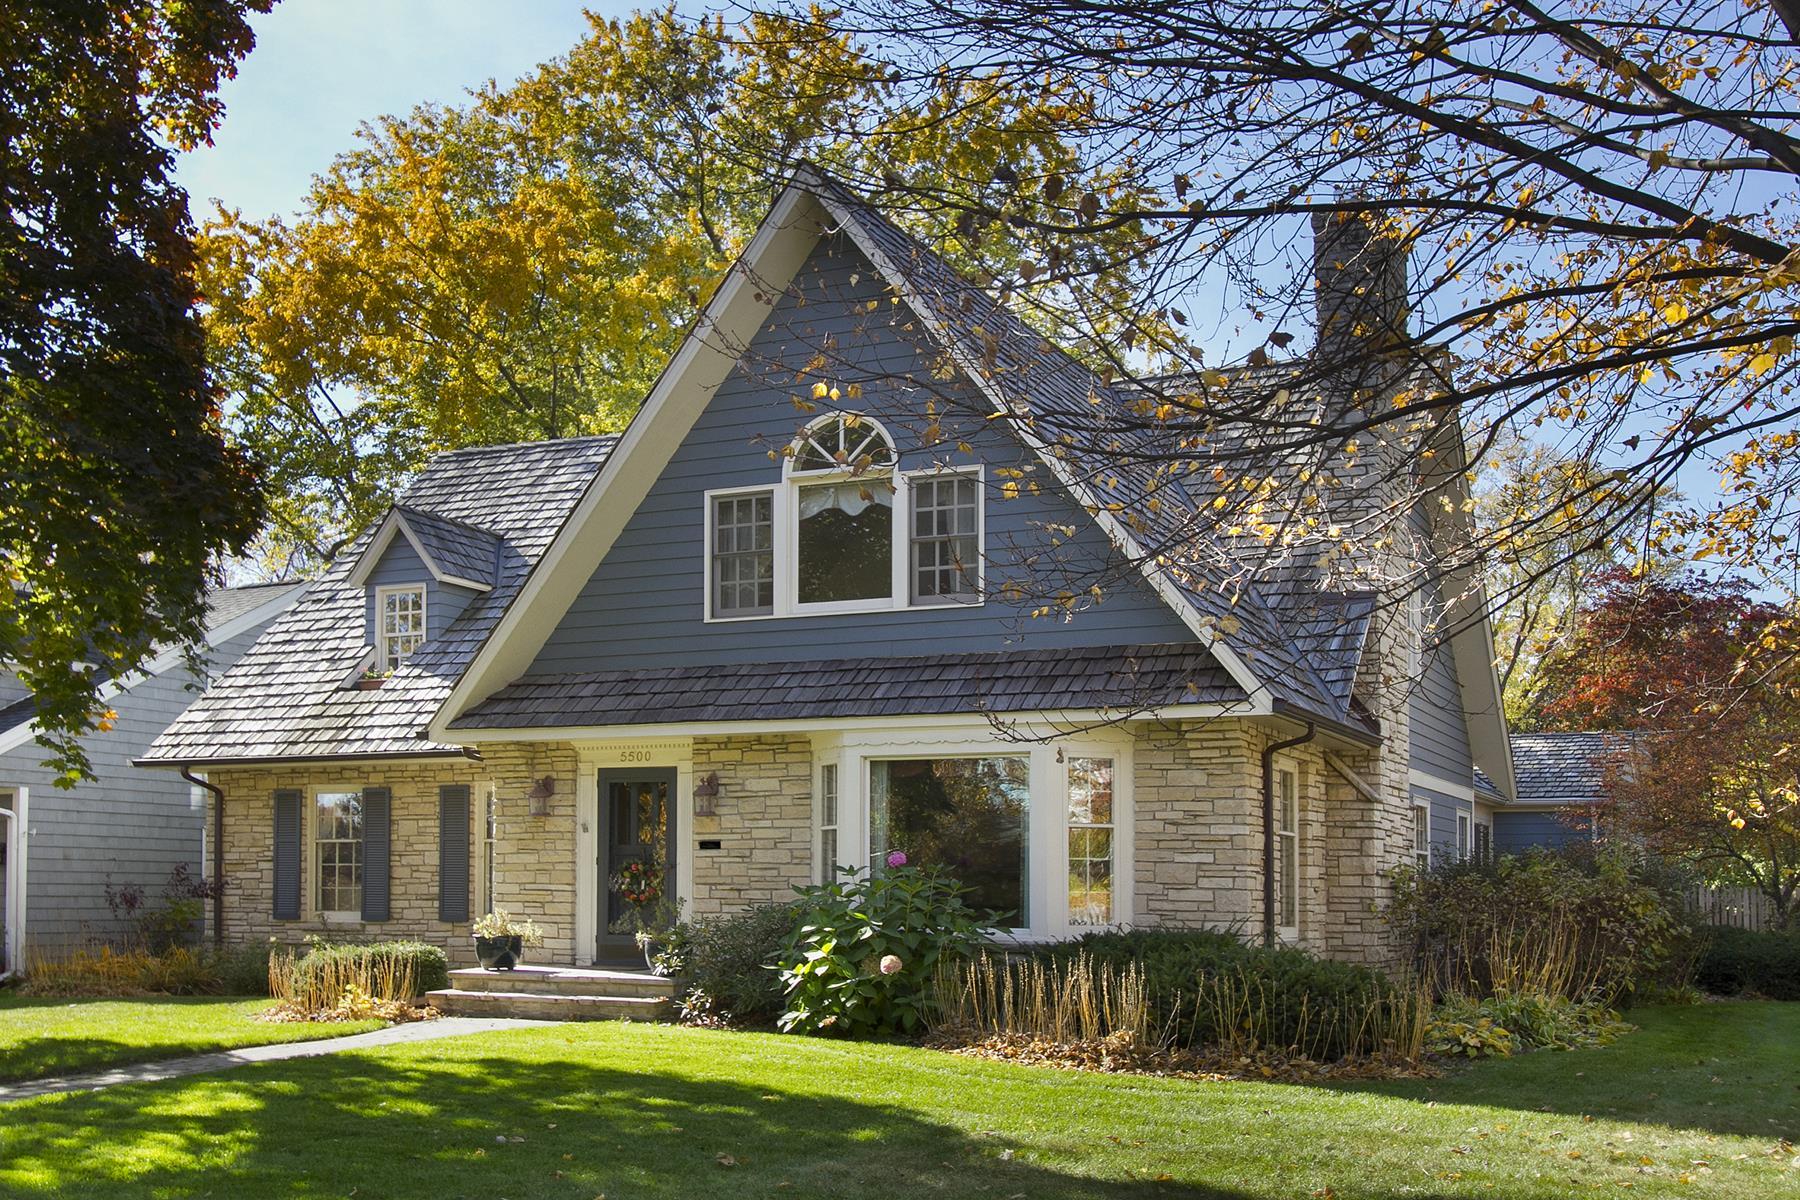 独户住宅 为 销售 在 5500 Brookview Avenue 伊代纳, 明尼苏达州, 55424 美国